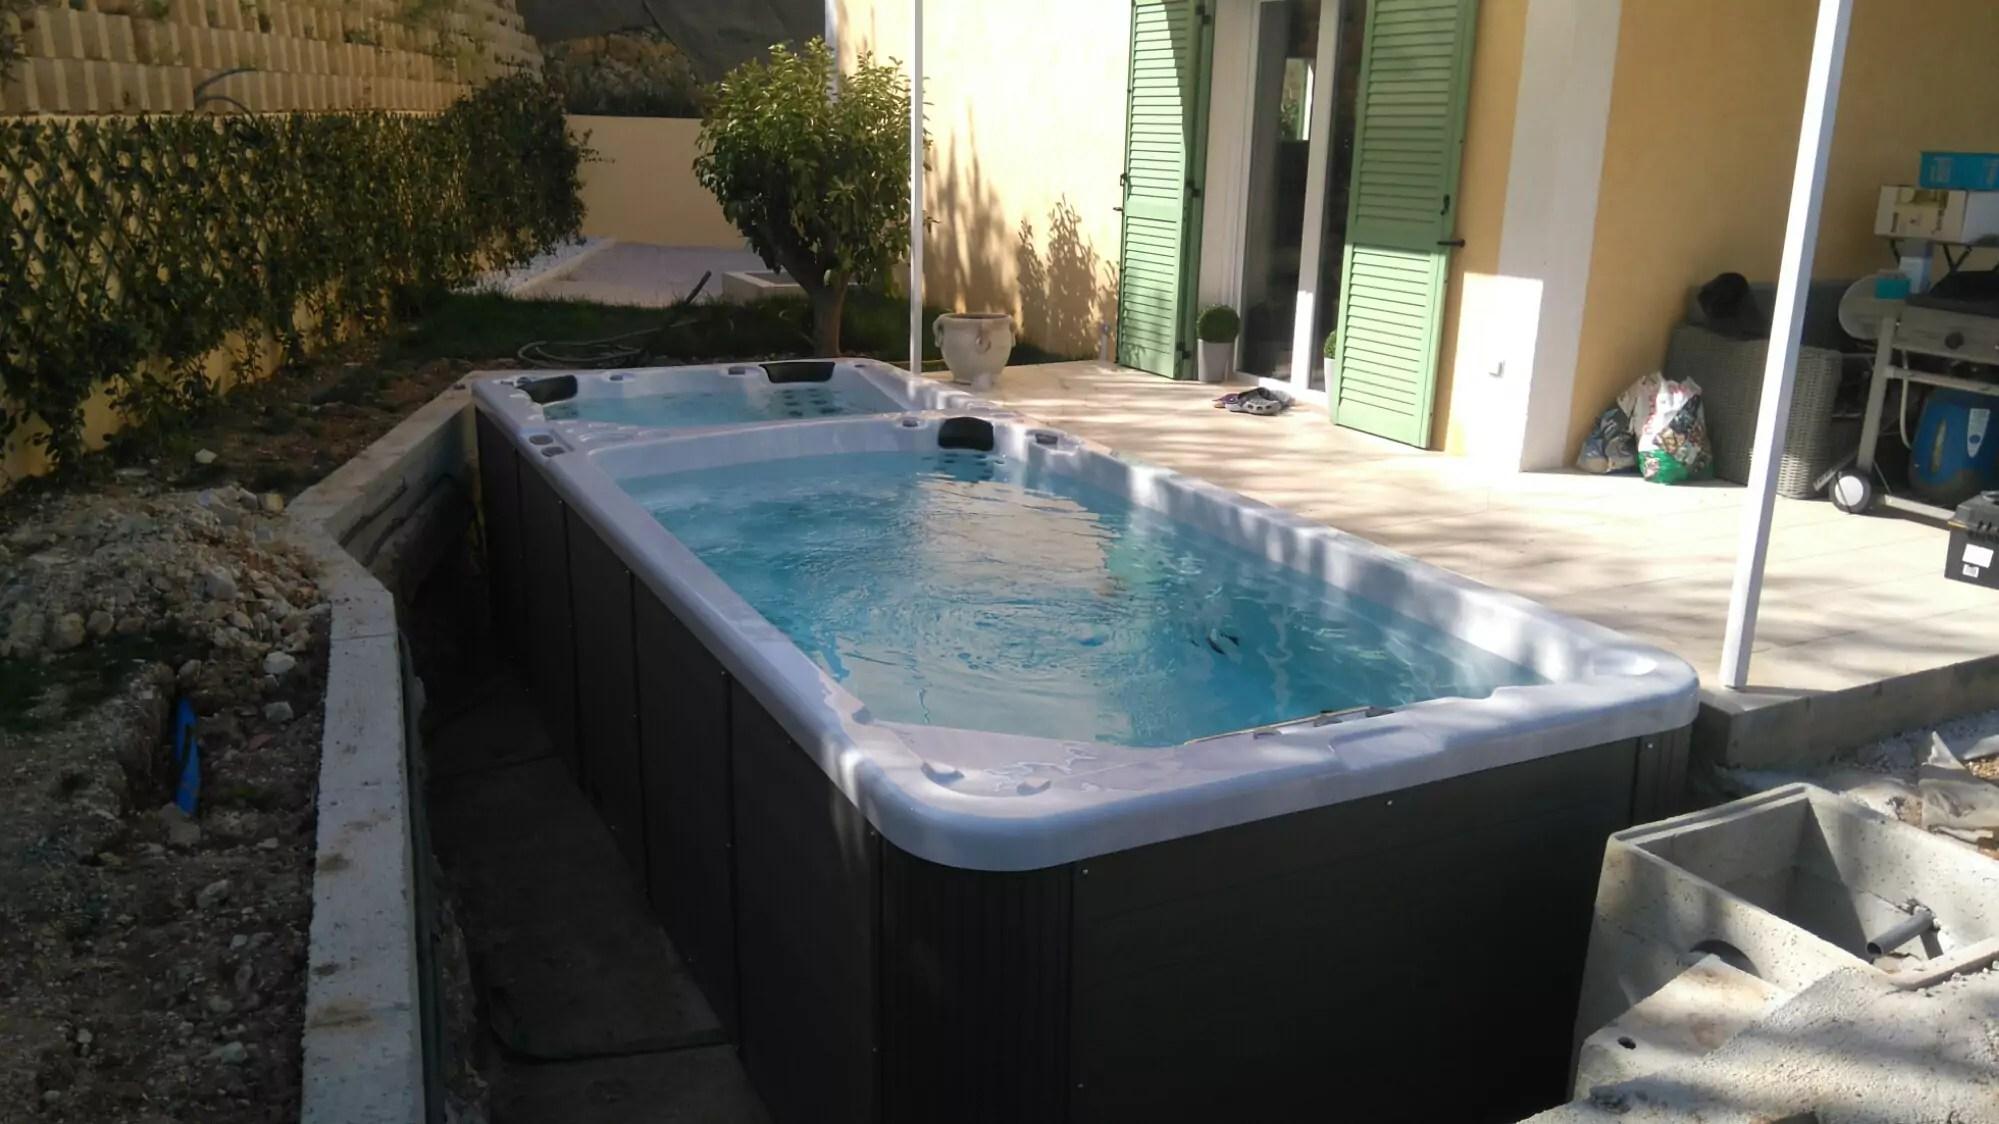 100 bassin de nage jacuzzi piscine piscine de petite taille piscine xs mini piscine for Piscine venissieux